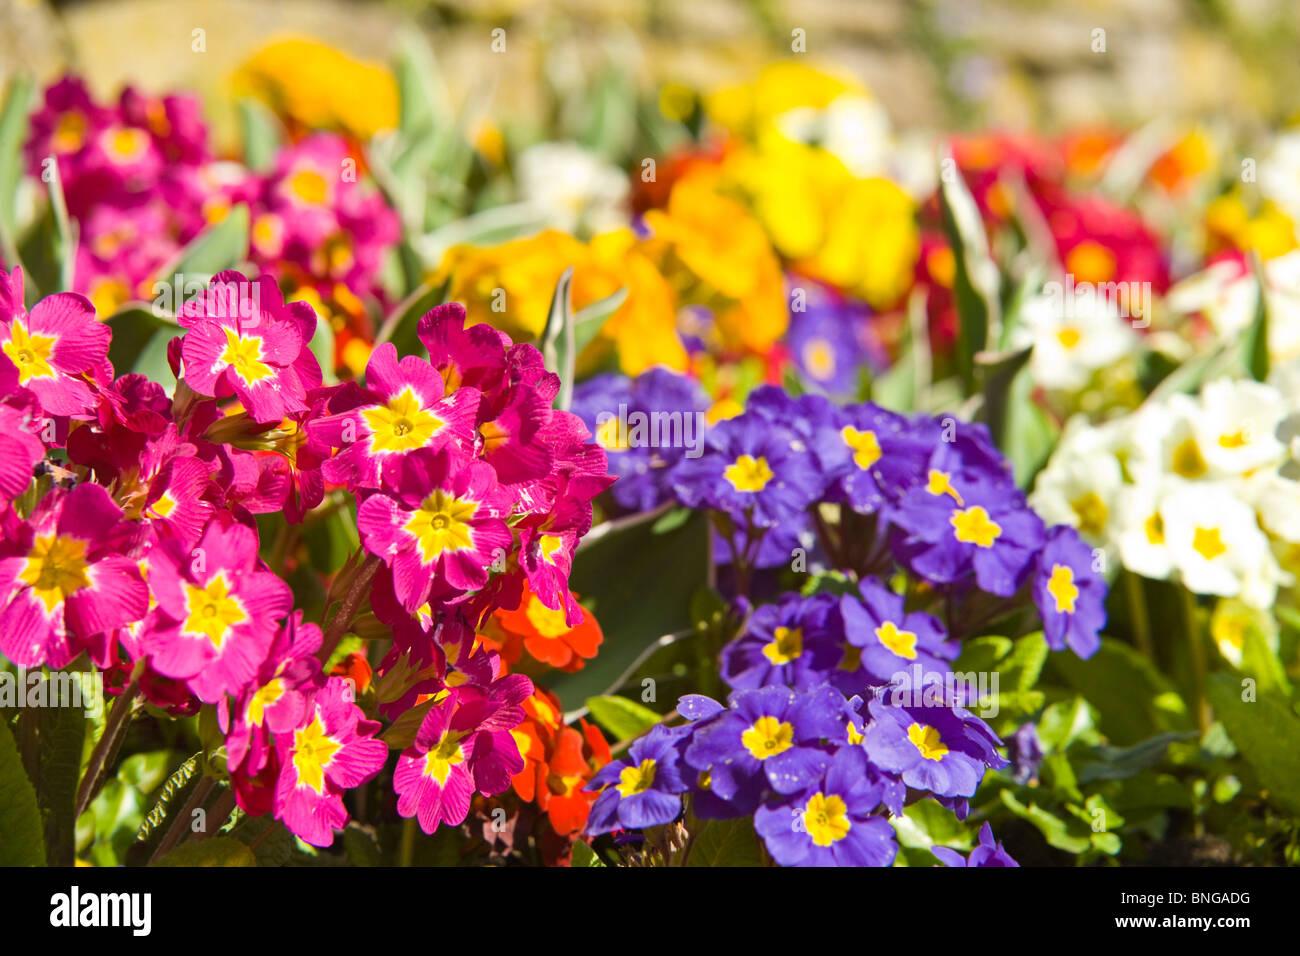 Horizontale Nahaufnahme von schönen hellen Frühlingsblumen, Primeln ...